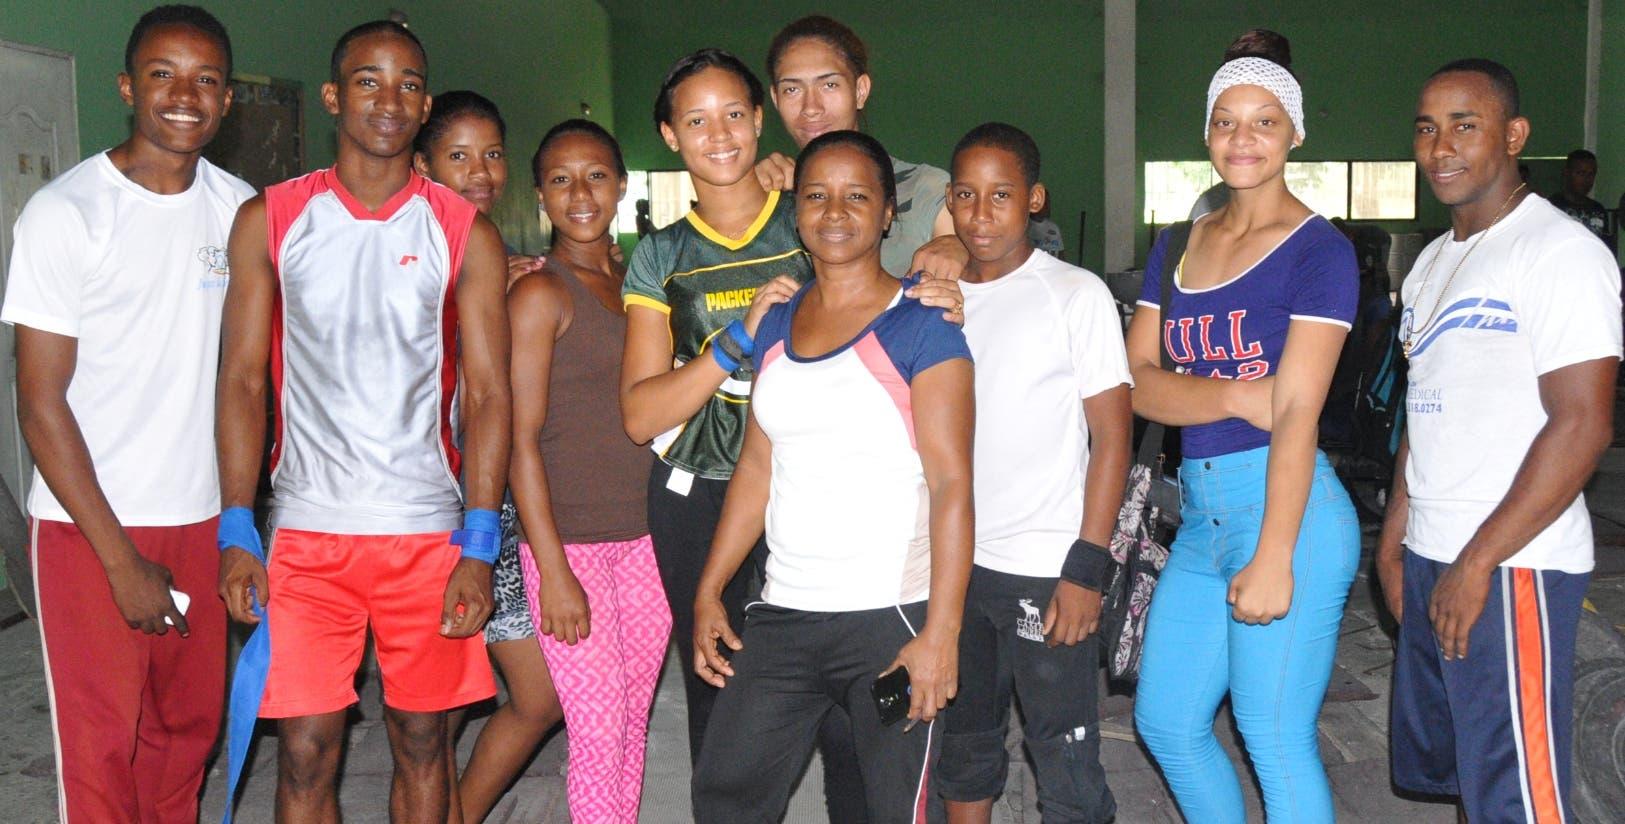 Guillermina Candelario, centro, junto a jóvenes atletas de pesas de su escuela y otros que se   entrenan en el polideportivo local.